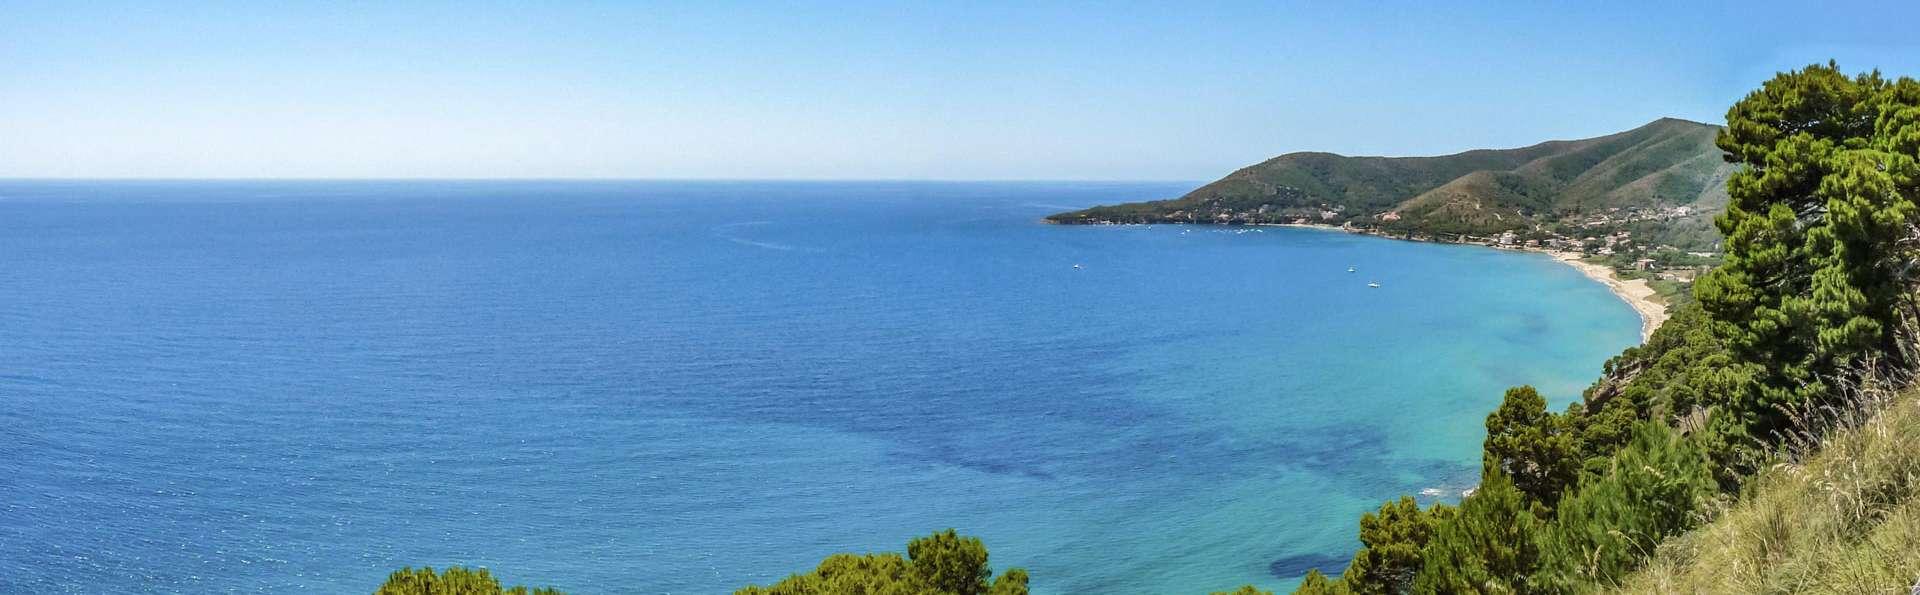 Escapade en Campanie : dans un élégant complexe touristique 4 étoiles, idéal pour découvrir Salerne et Pompéi